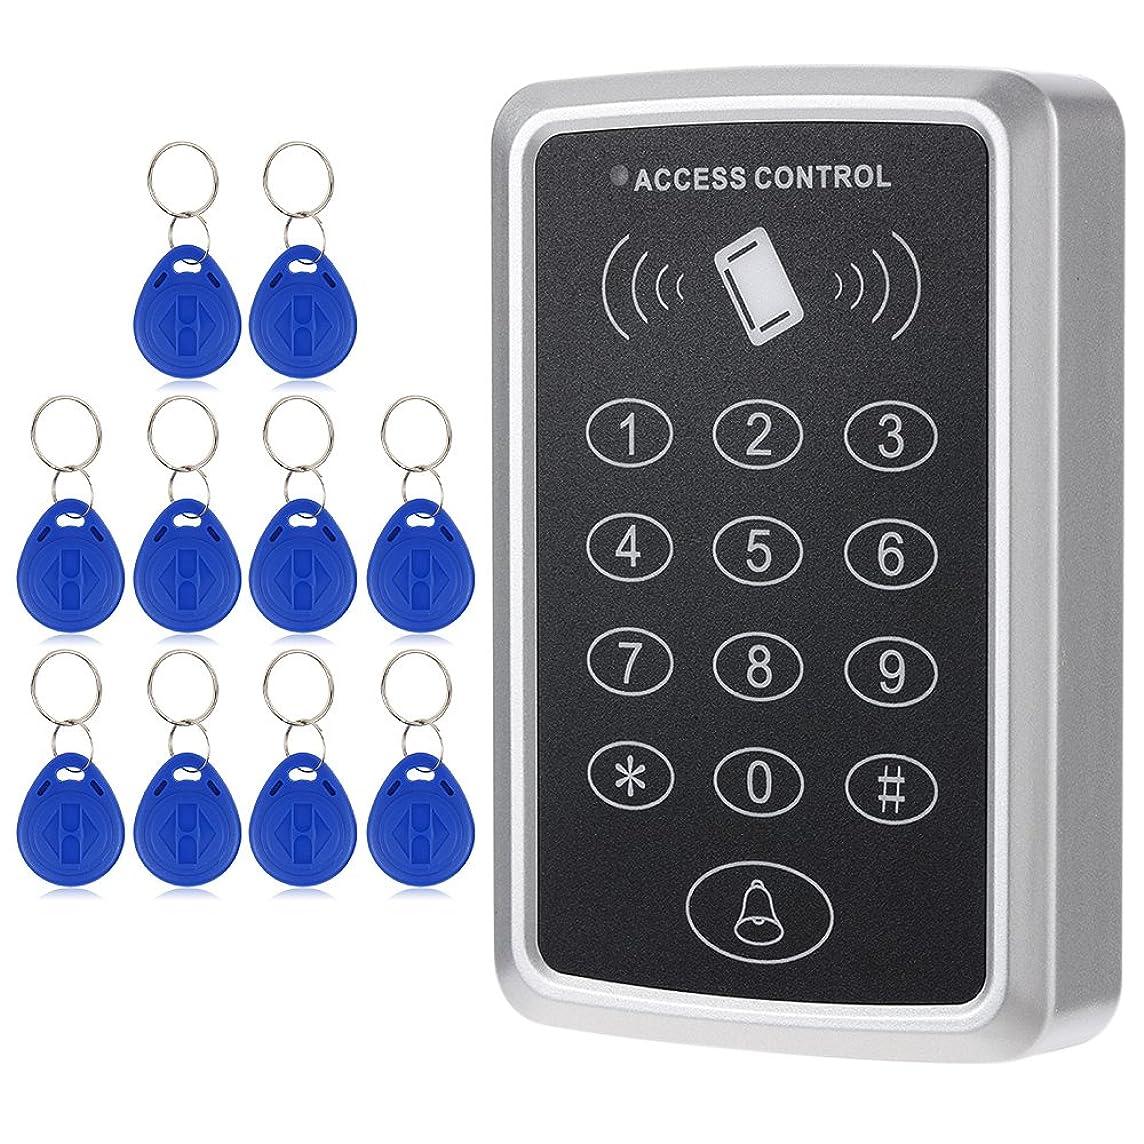 プロポーショナル利得ラップKKmoon RFIDカード 125KHz アクセスコントローラ ドアロックアクセスコントロール システム+ 10個IDキーフォブ キーパッド